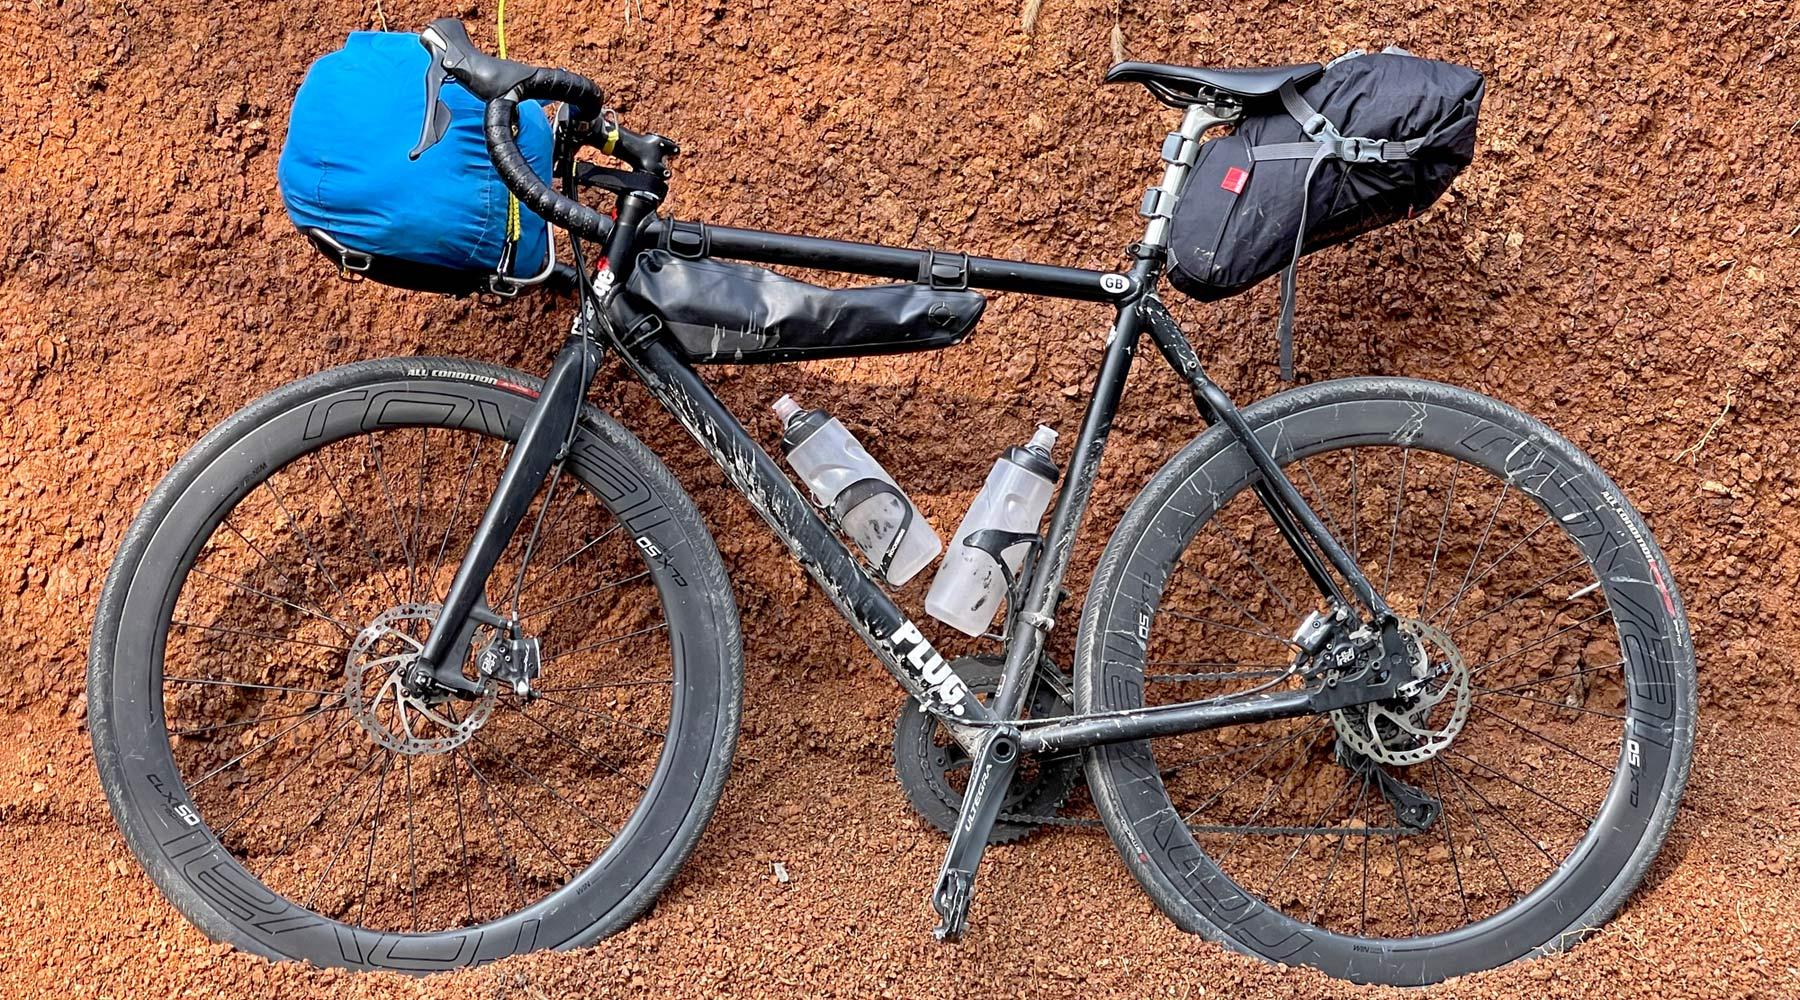 Jack The Bike Rack evrensel-uyumlu aletsiz çelik boru kayışlı ön raf, bikepacking